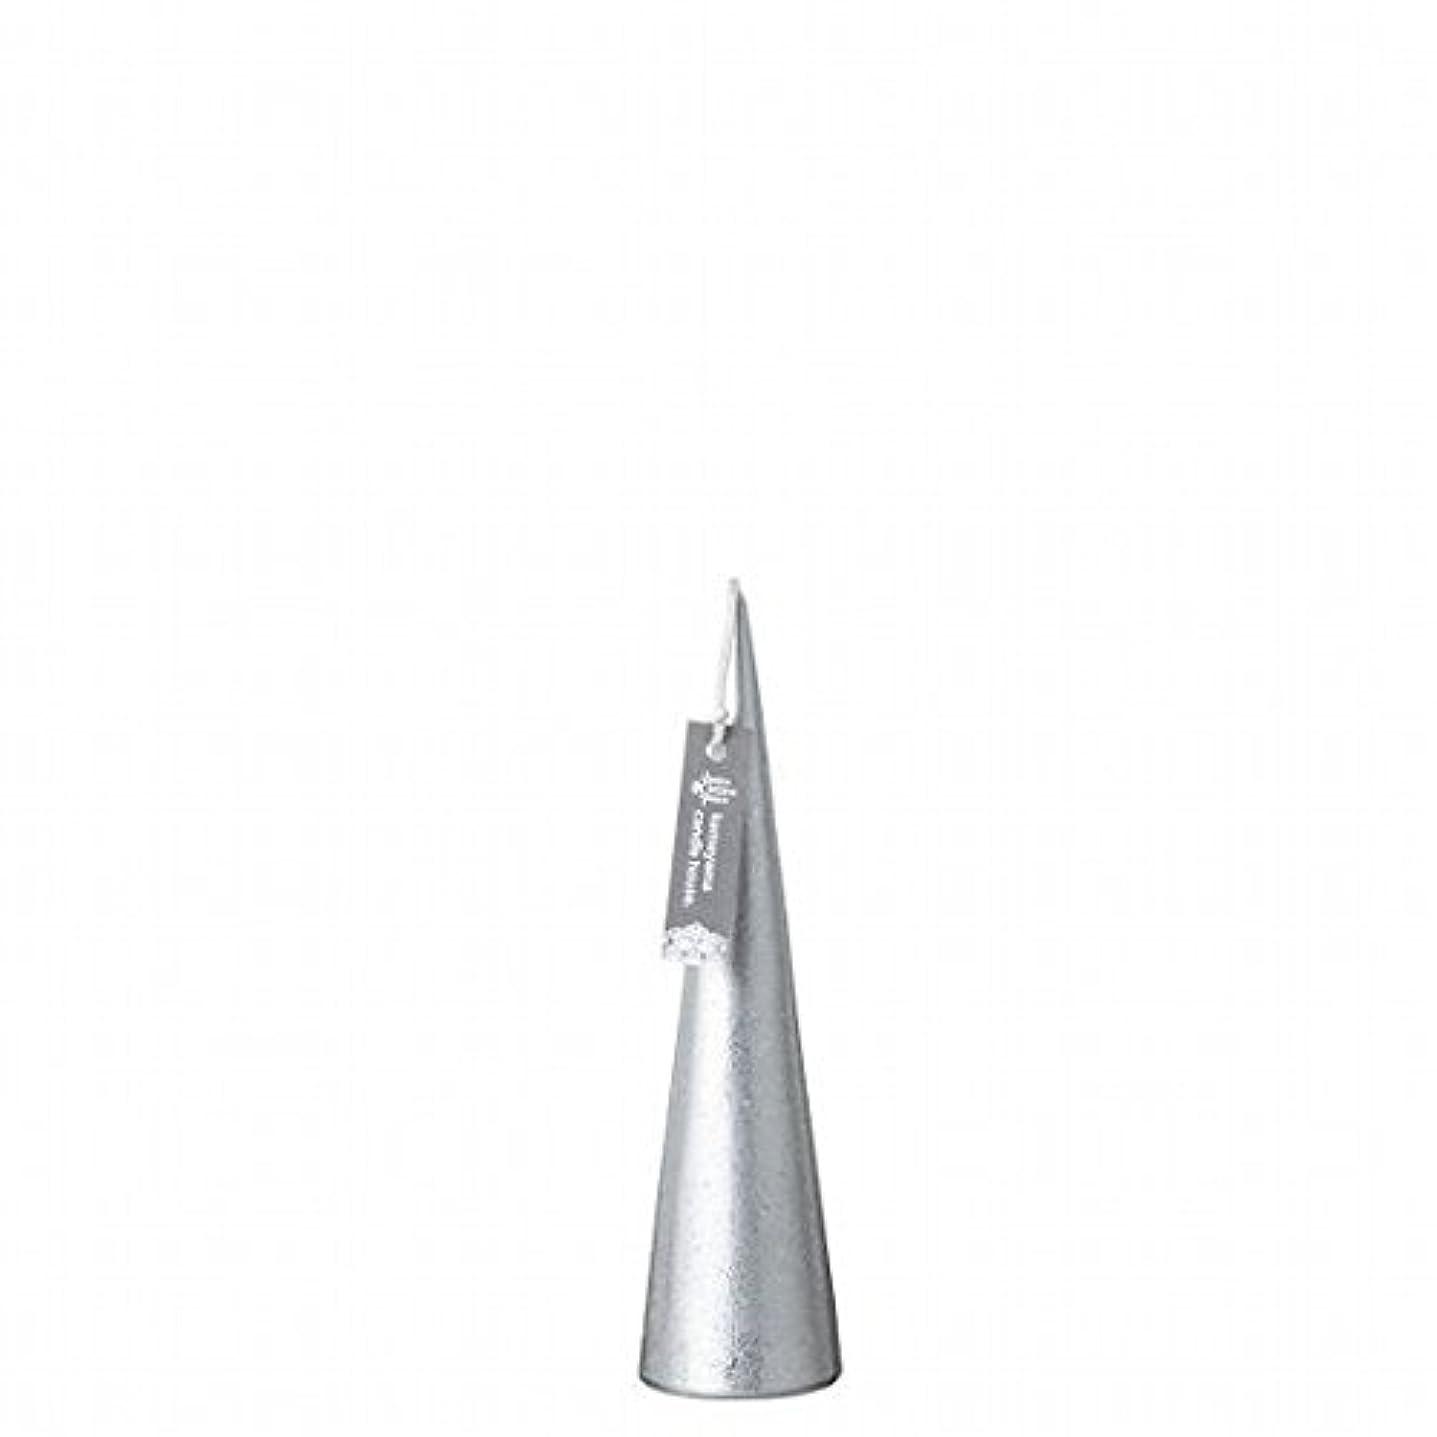 道に迷いました商品つづりkameyama candle(カメヤマキャンドル) メタリックコーンS 「 シルバー 」(A9560100SI)